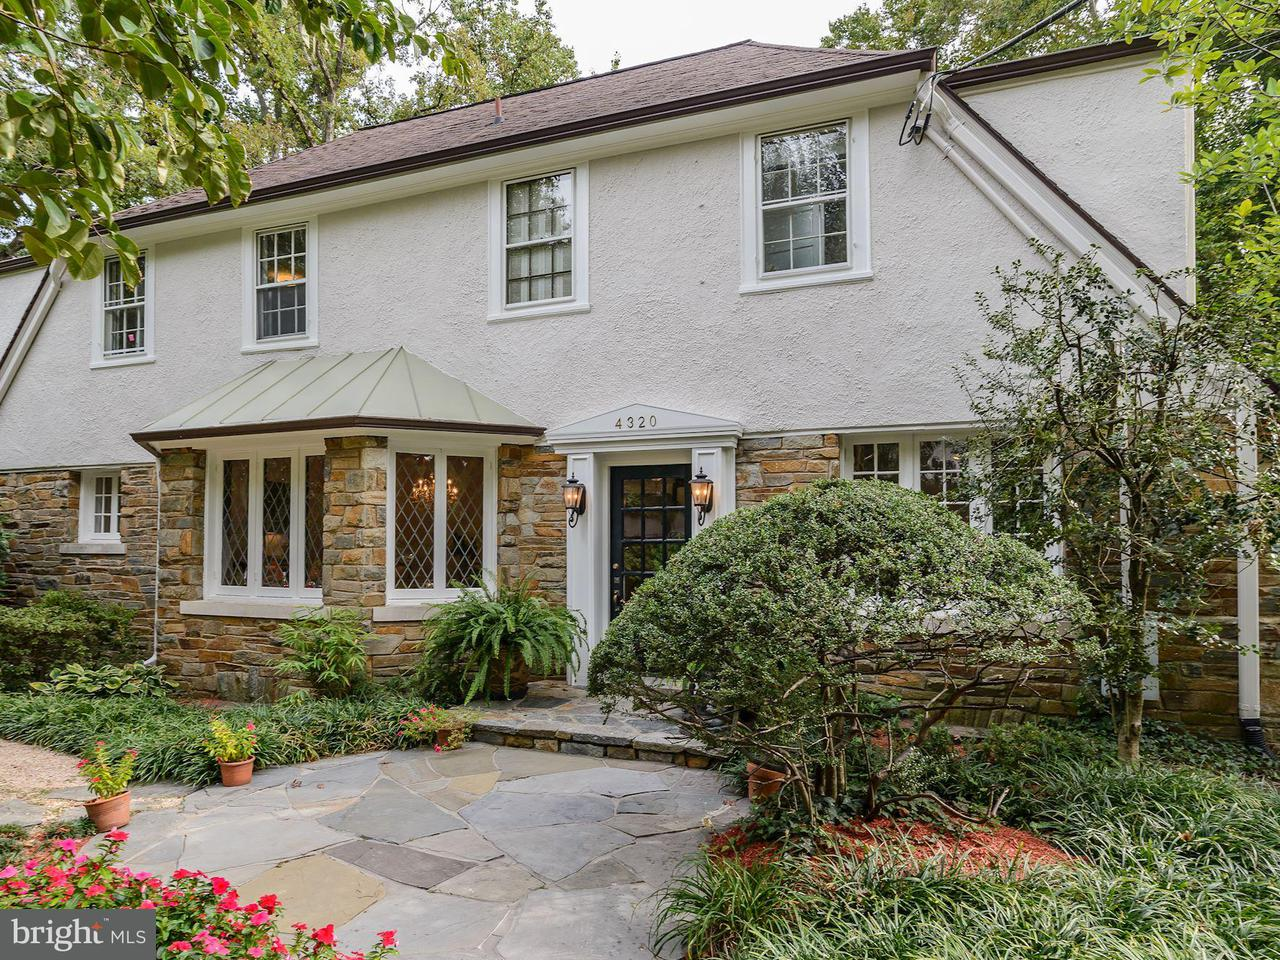 Частный односемейный дом для того Продажа на 4320 CATHEDRAL AVE NW 4320 CATHEDRAL AVE NW Washington, Округ Колумбия 20016 Соединенные Штаты